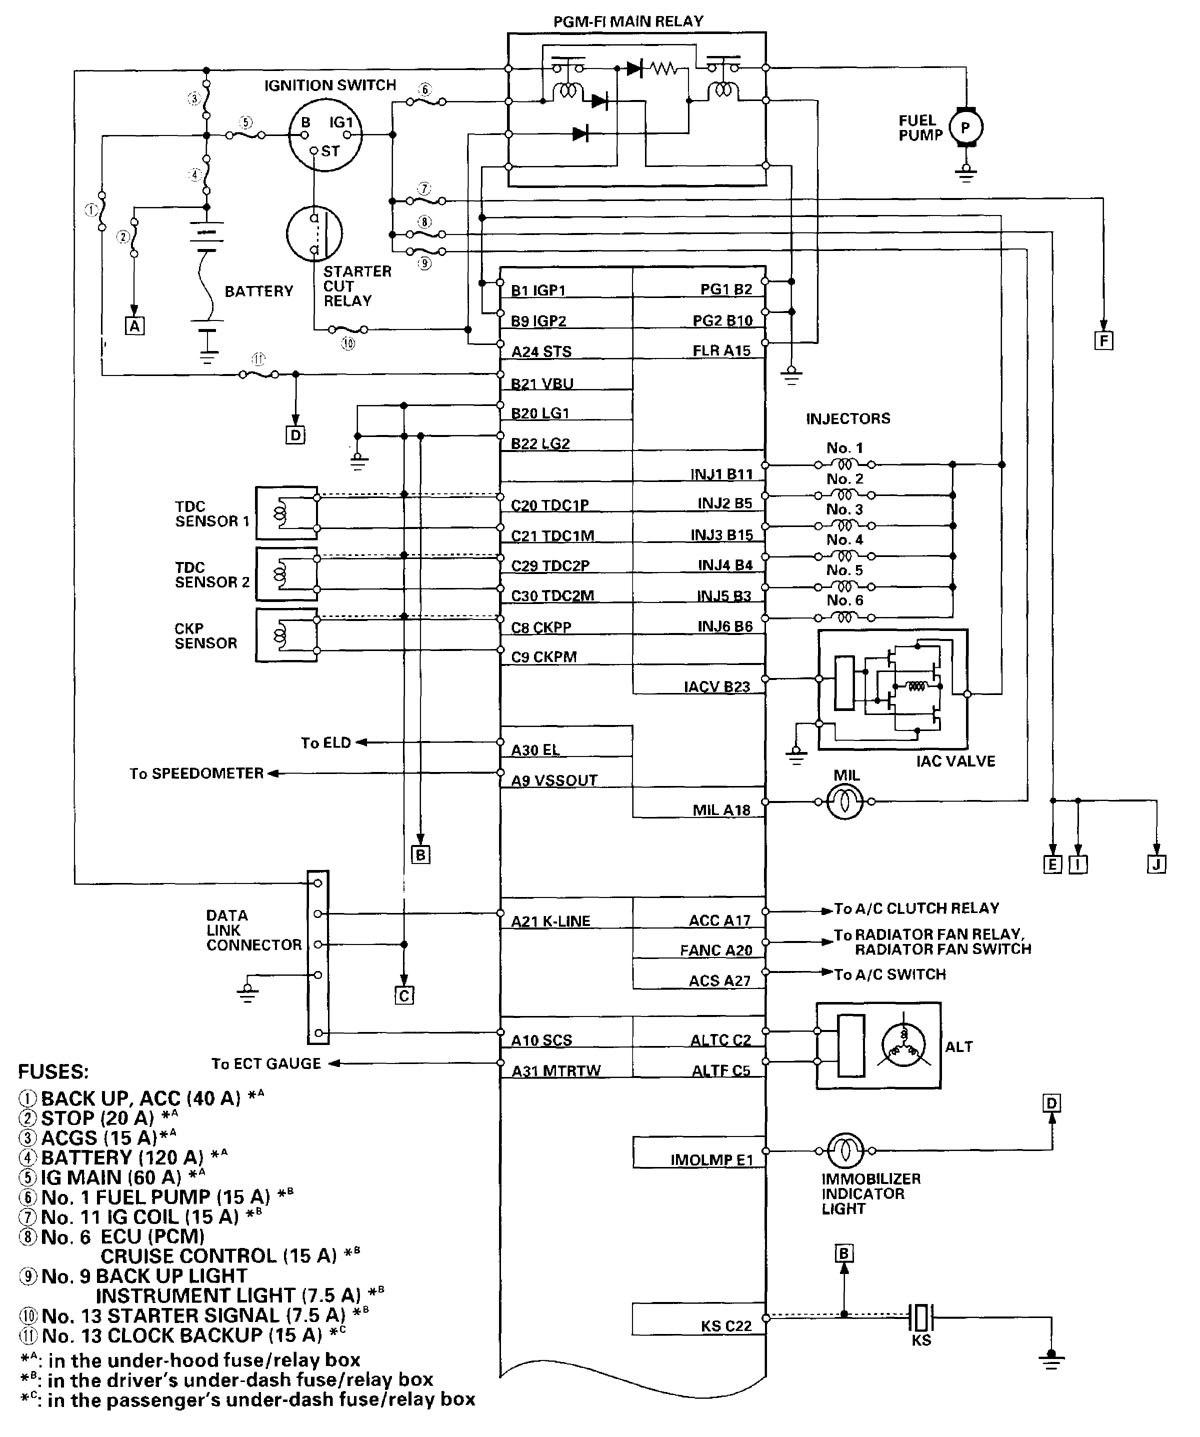 acura tl wiring diagram fuel control 1 2000 acura tl (2000 2001) wiring diagrams fuel controls carknowledge